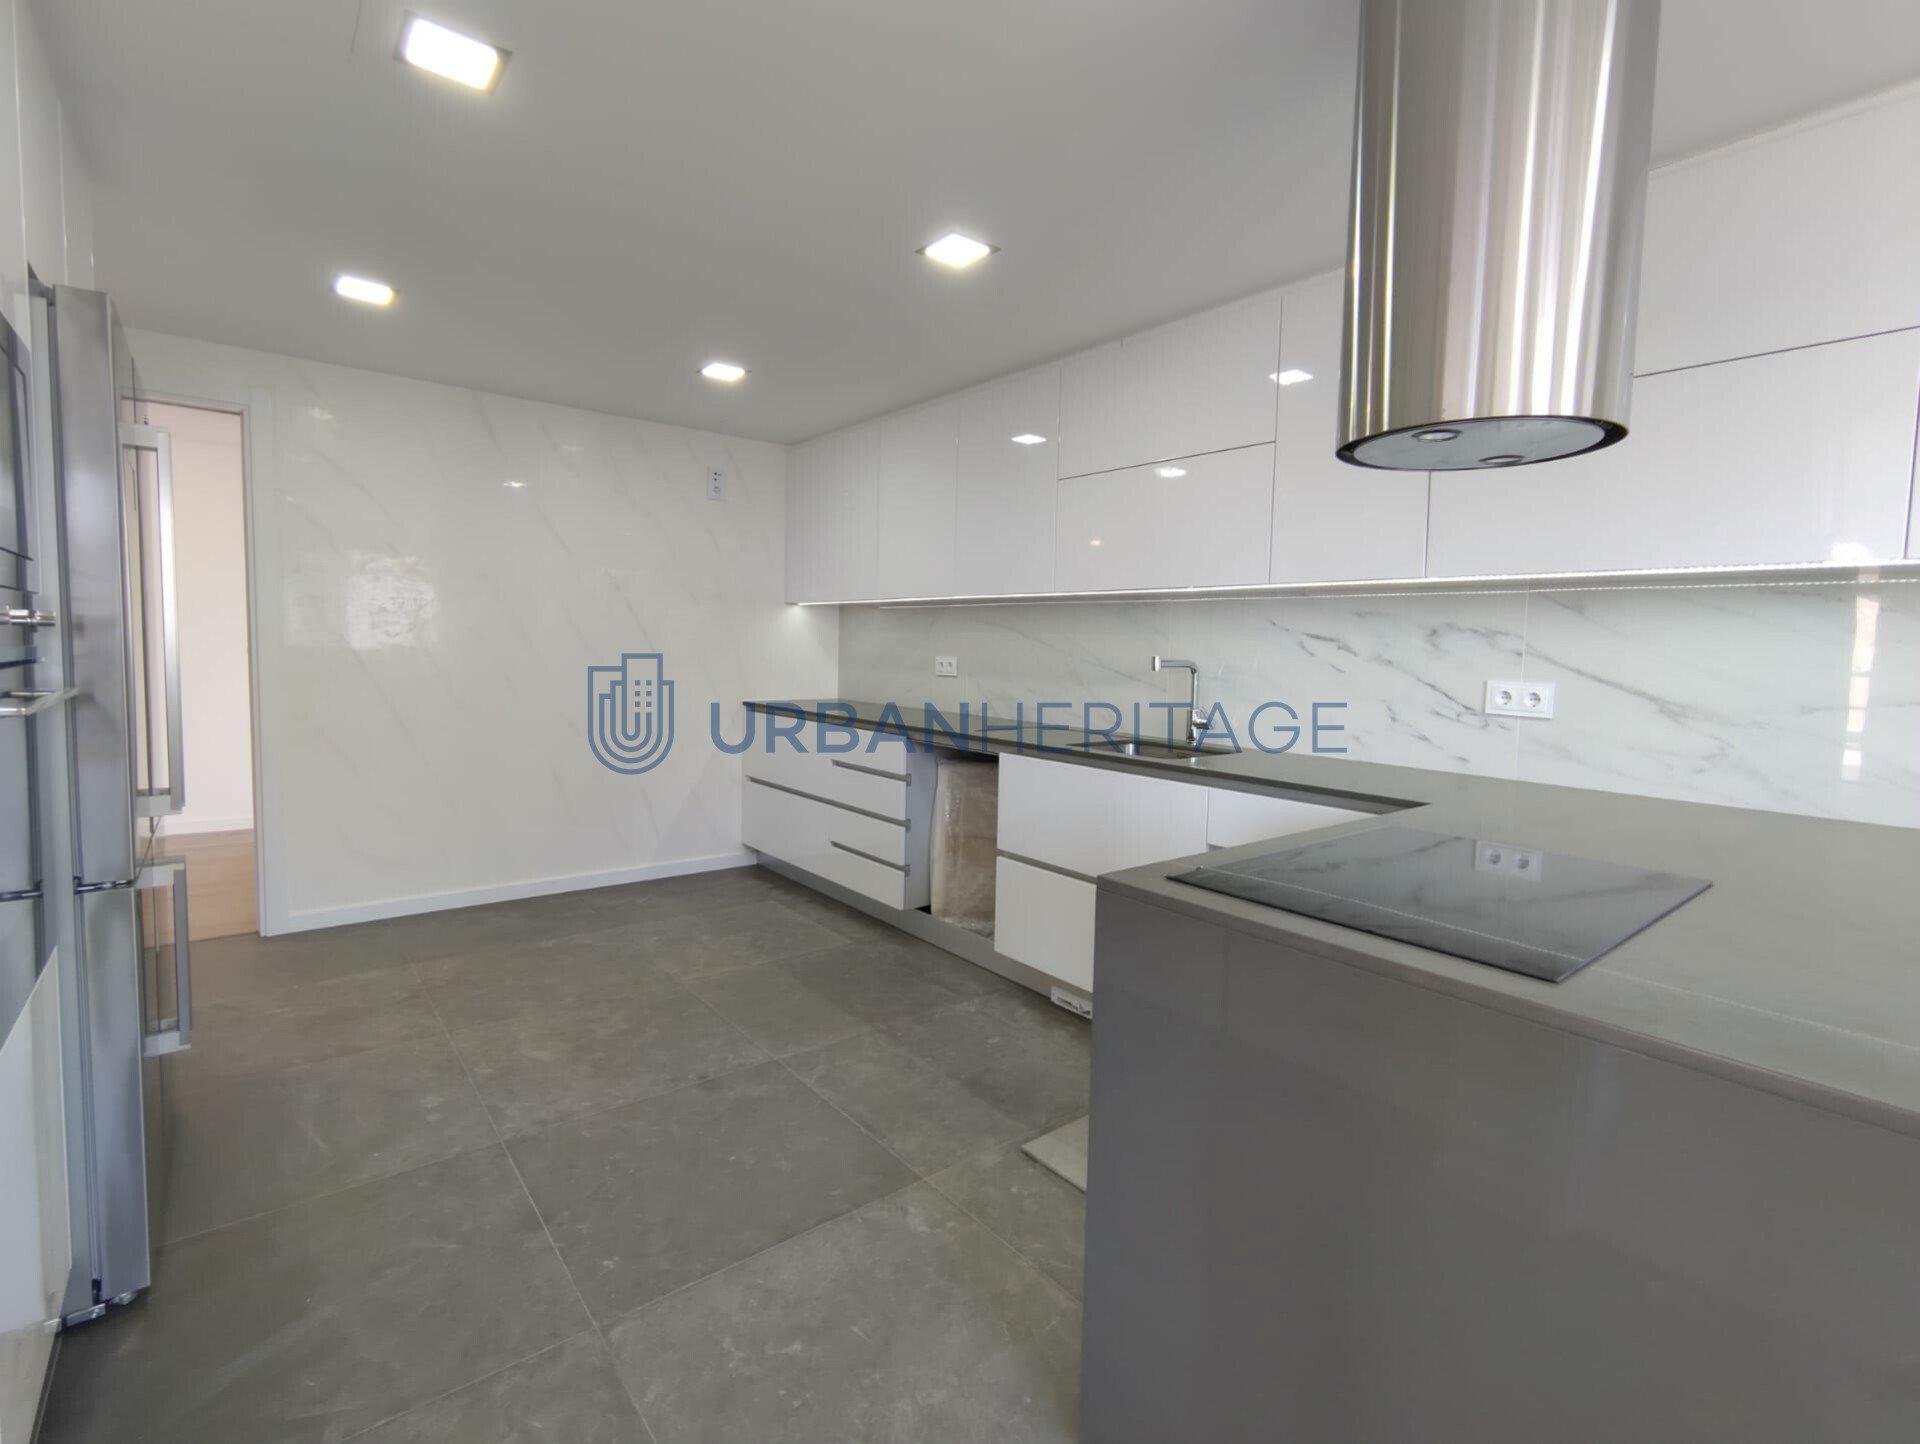 Apartment in Porto Salvo, Lisboa, Portugal 1